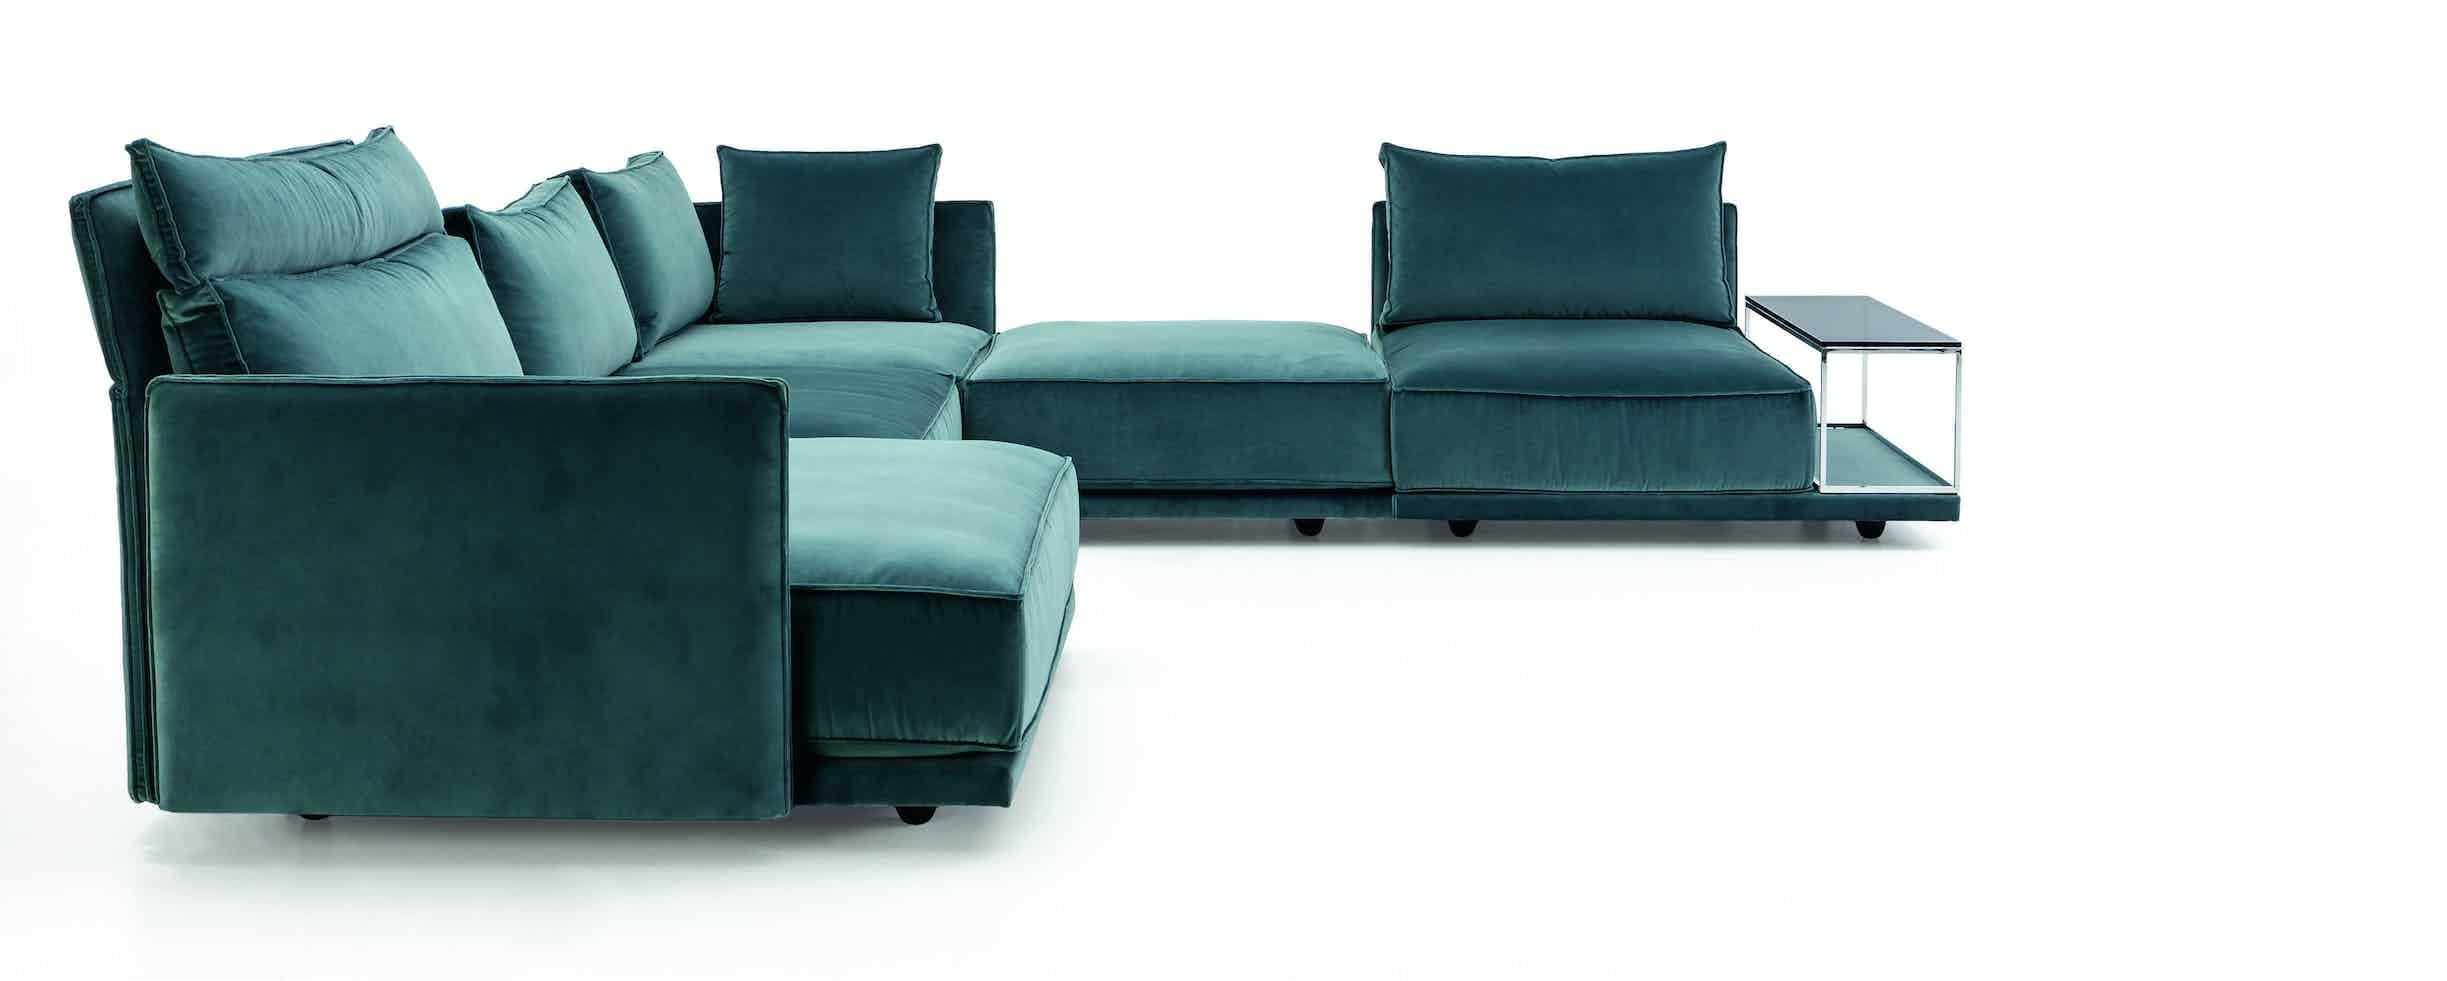 Jab Anstoetz Blue Velvet Cube Lounge Modular Sofa Side Haute Living